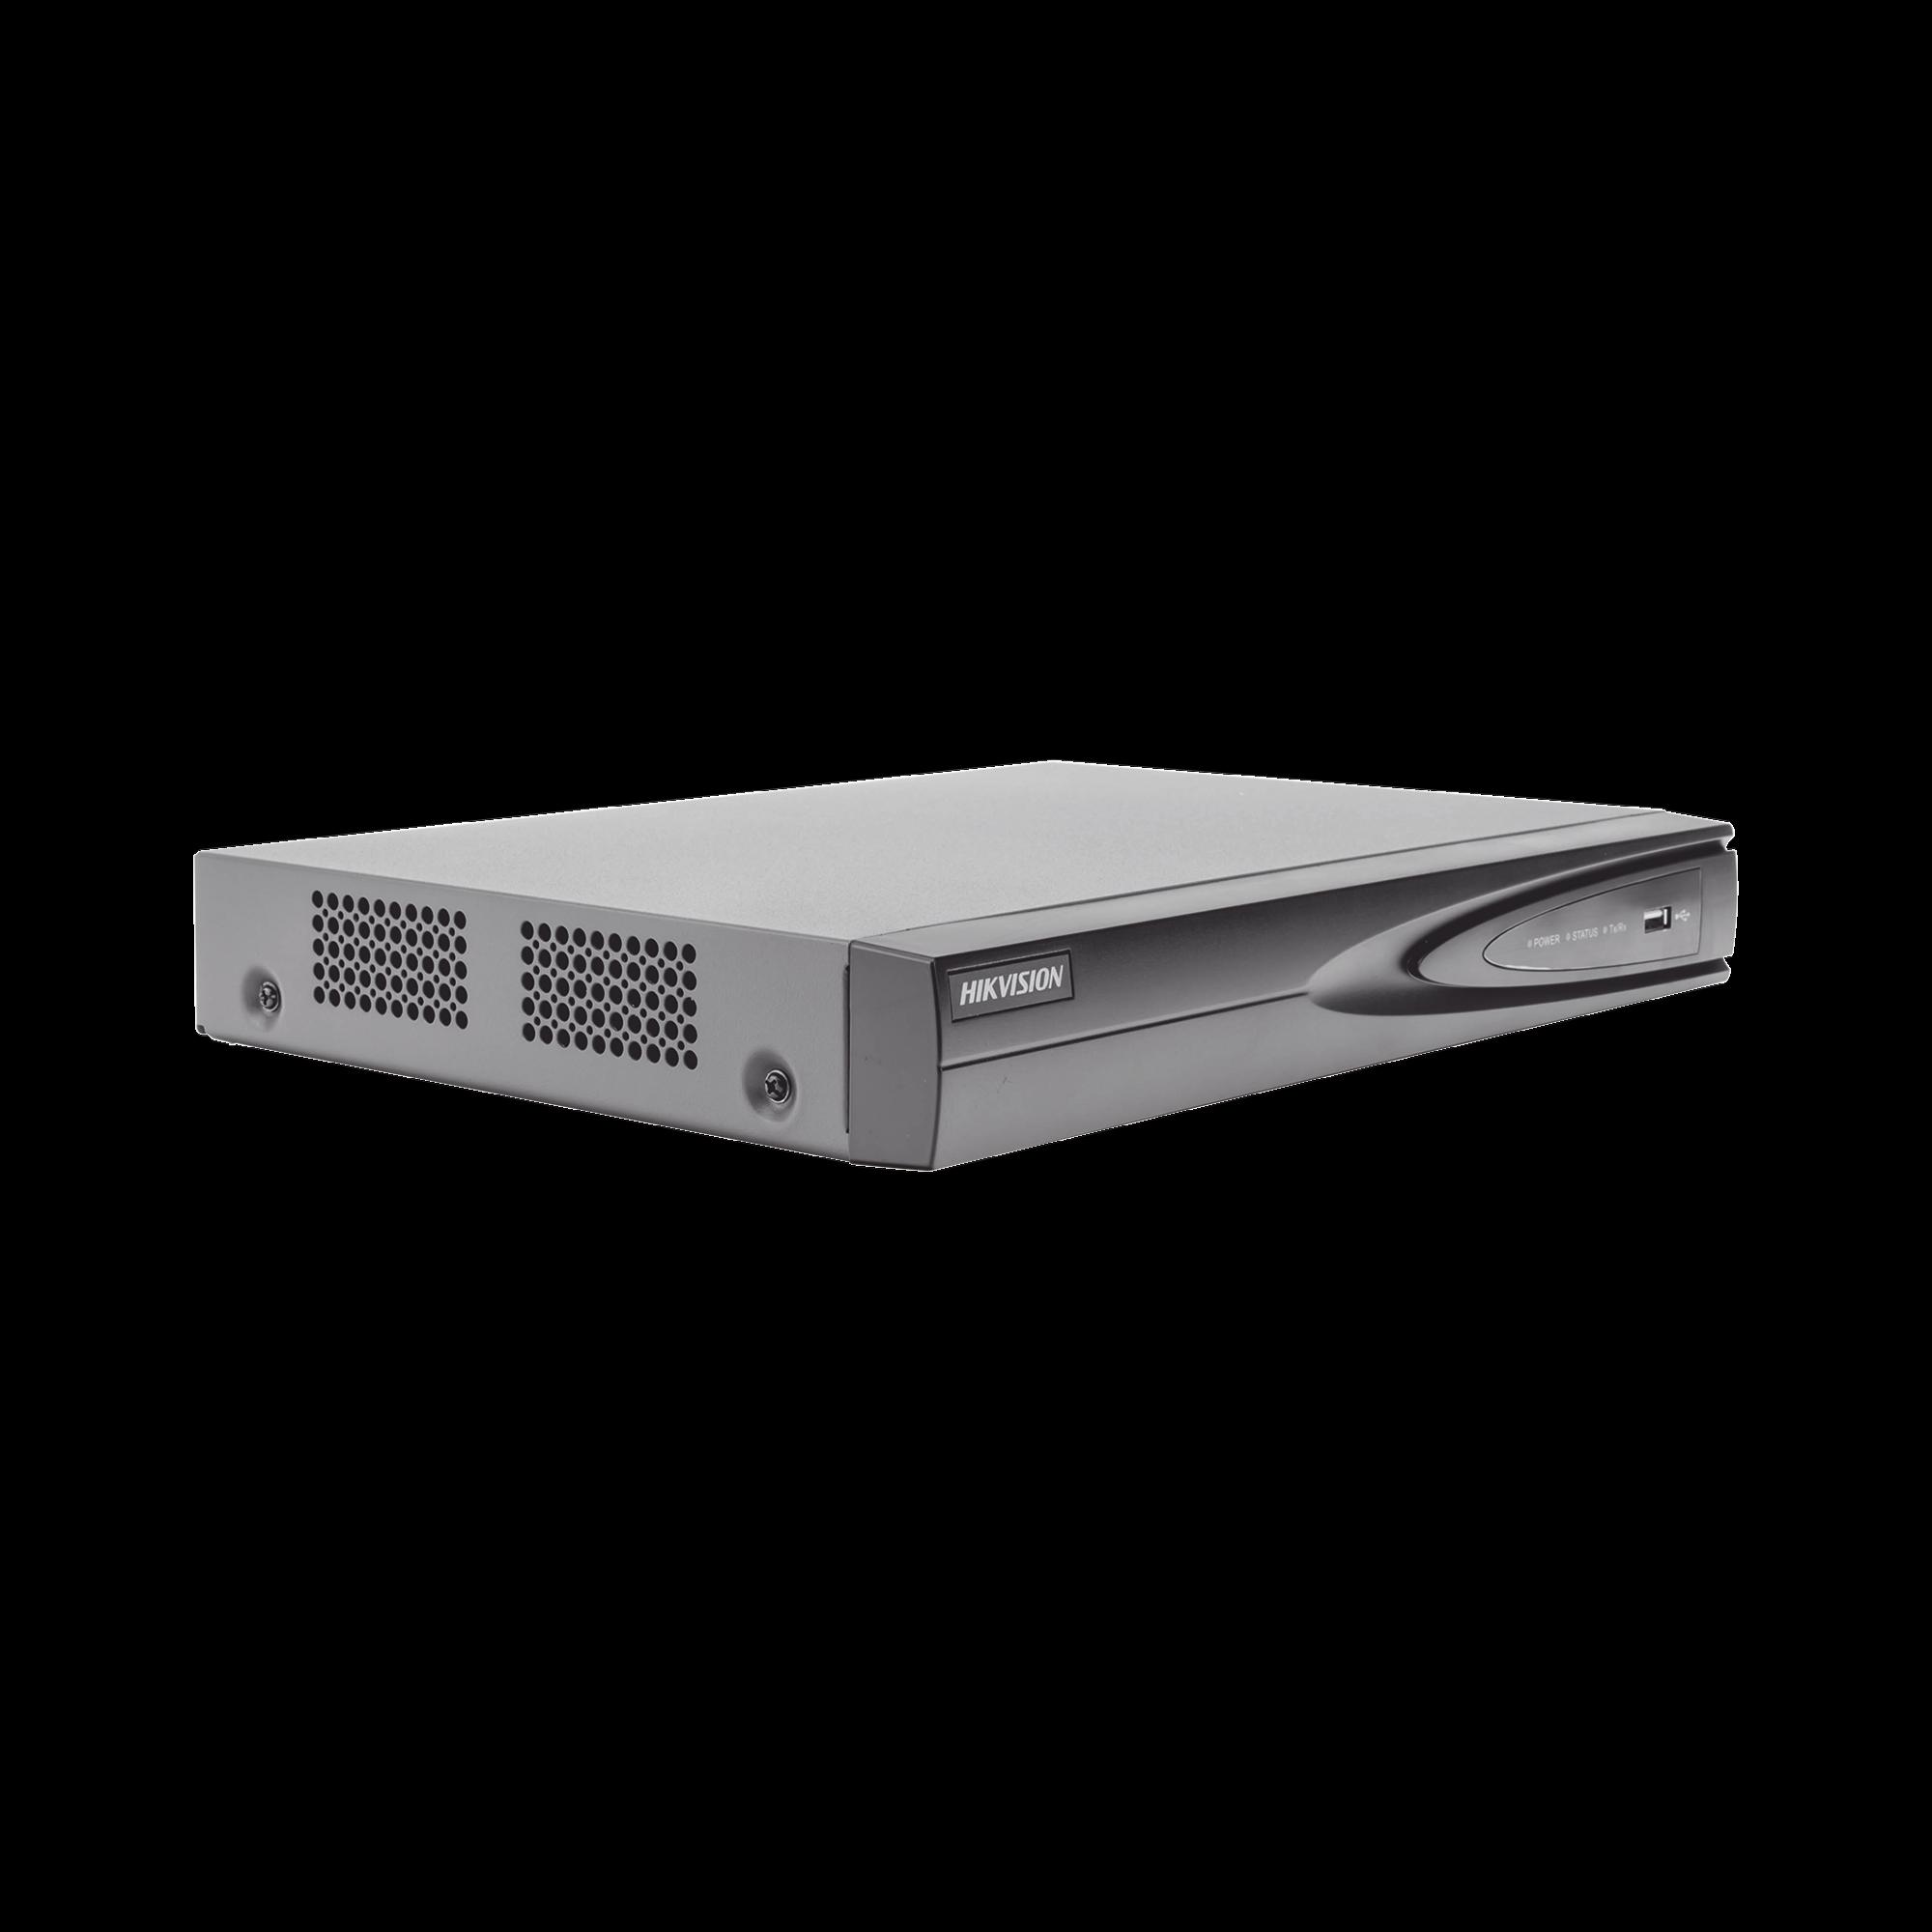 NVR 8 Megapixel (4K) / 4 canales IP / 1 Bahia de Disco Duro / 4 Puertos PoE+ / Salida de vídeo 4K